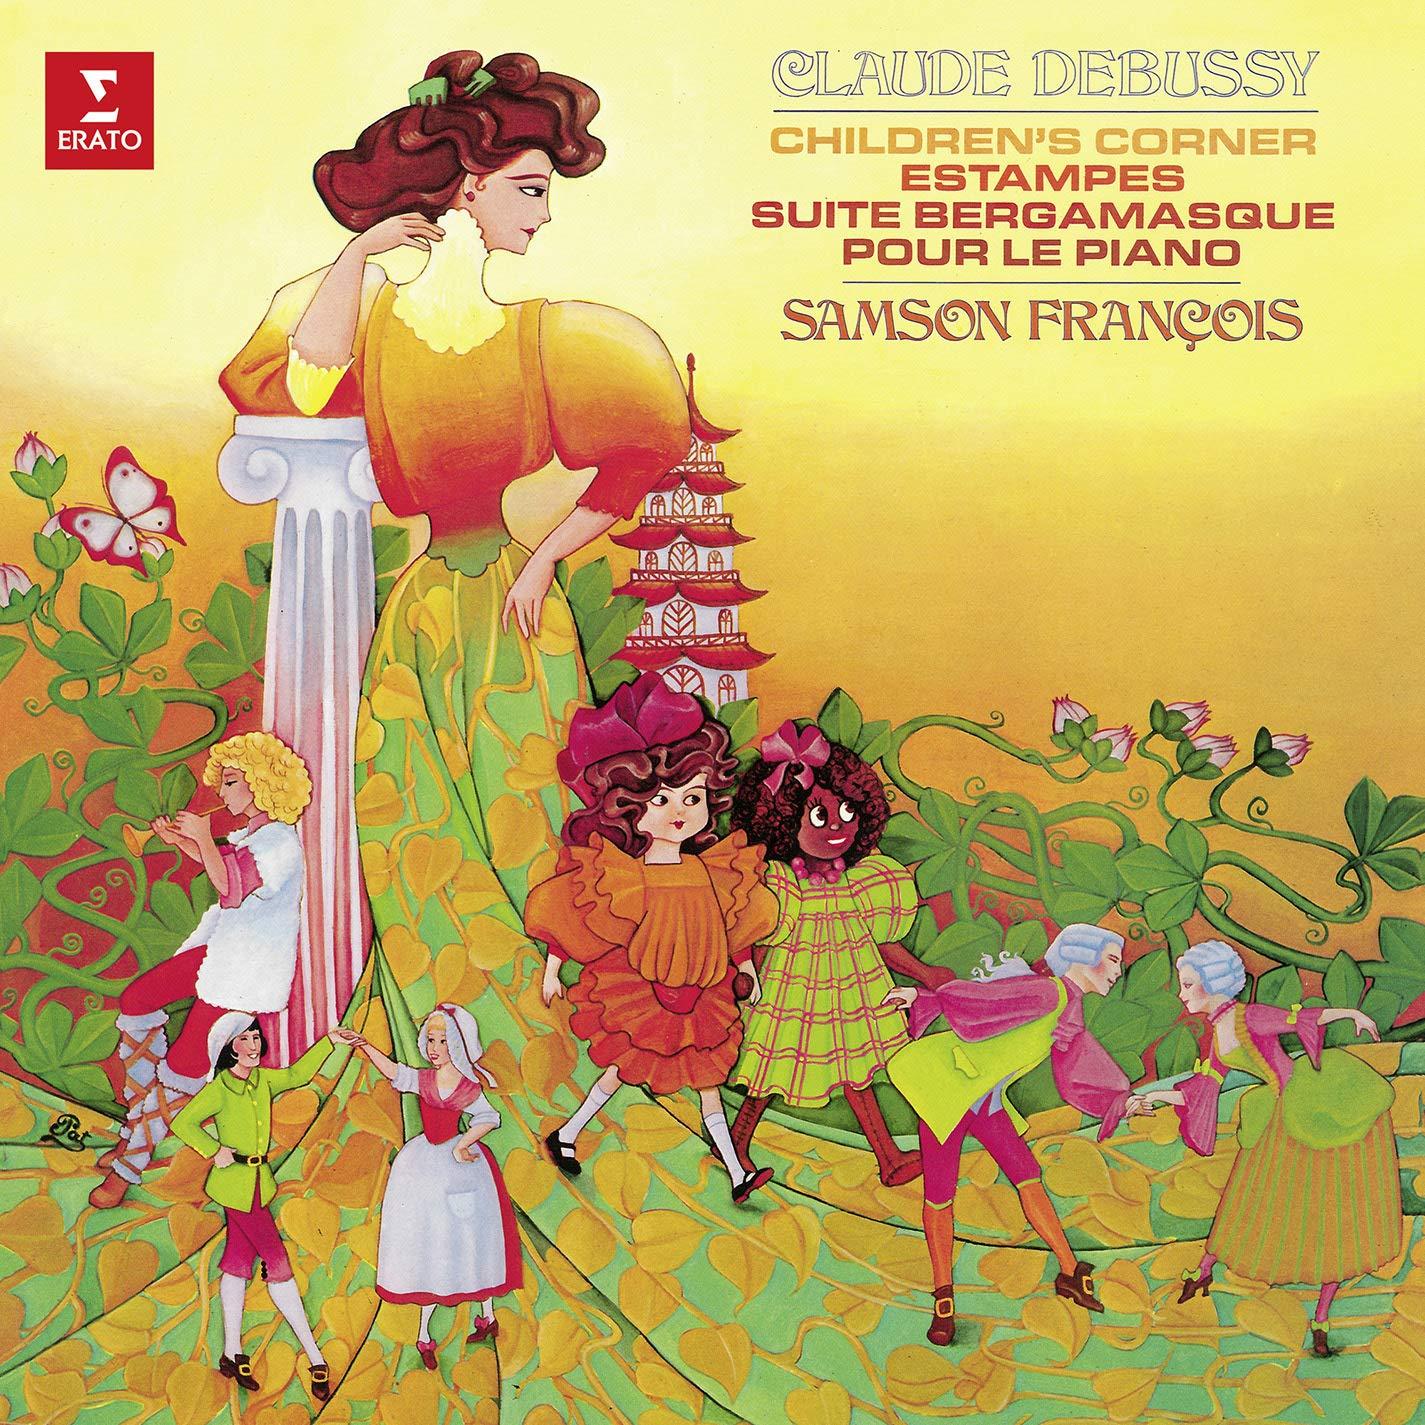 Debussy: Children's Corner, Estampes, Suite bergamasque, Pour le piano [Vinilo]